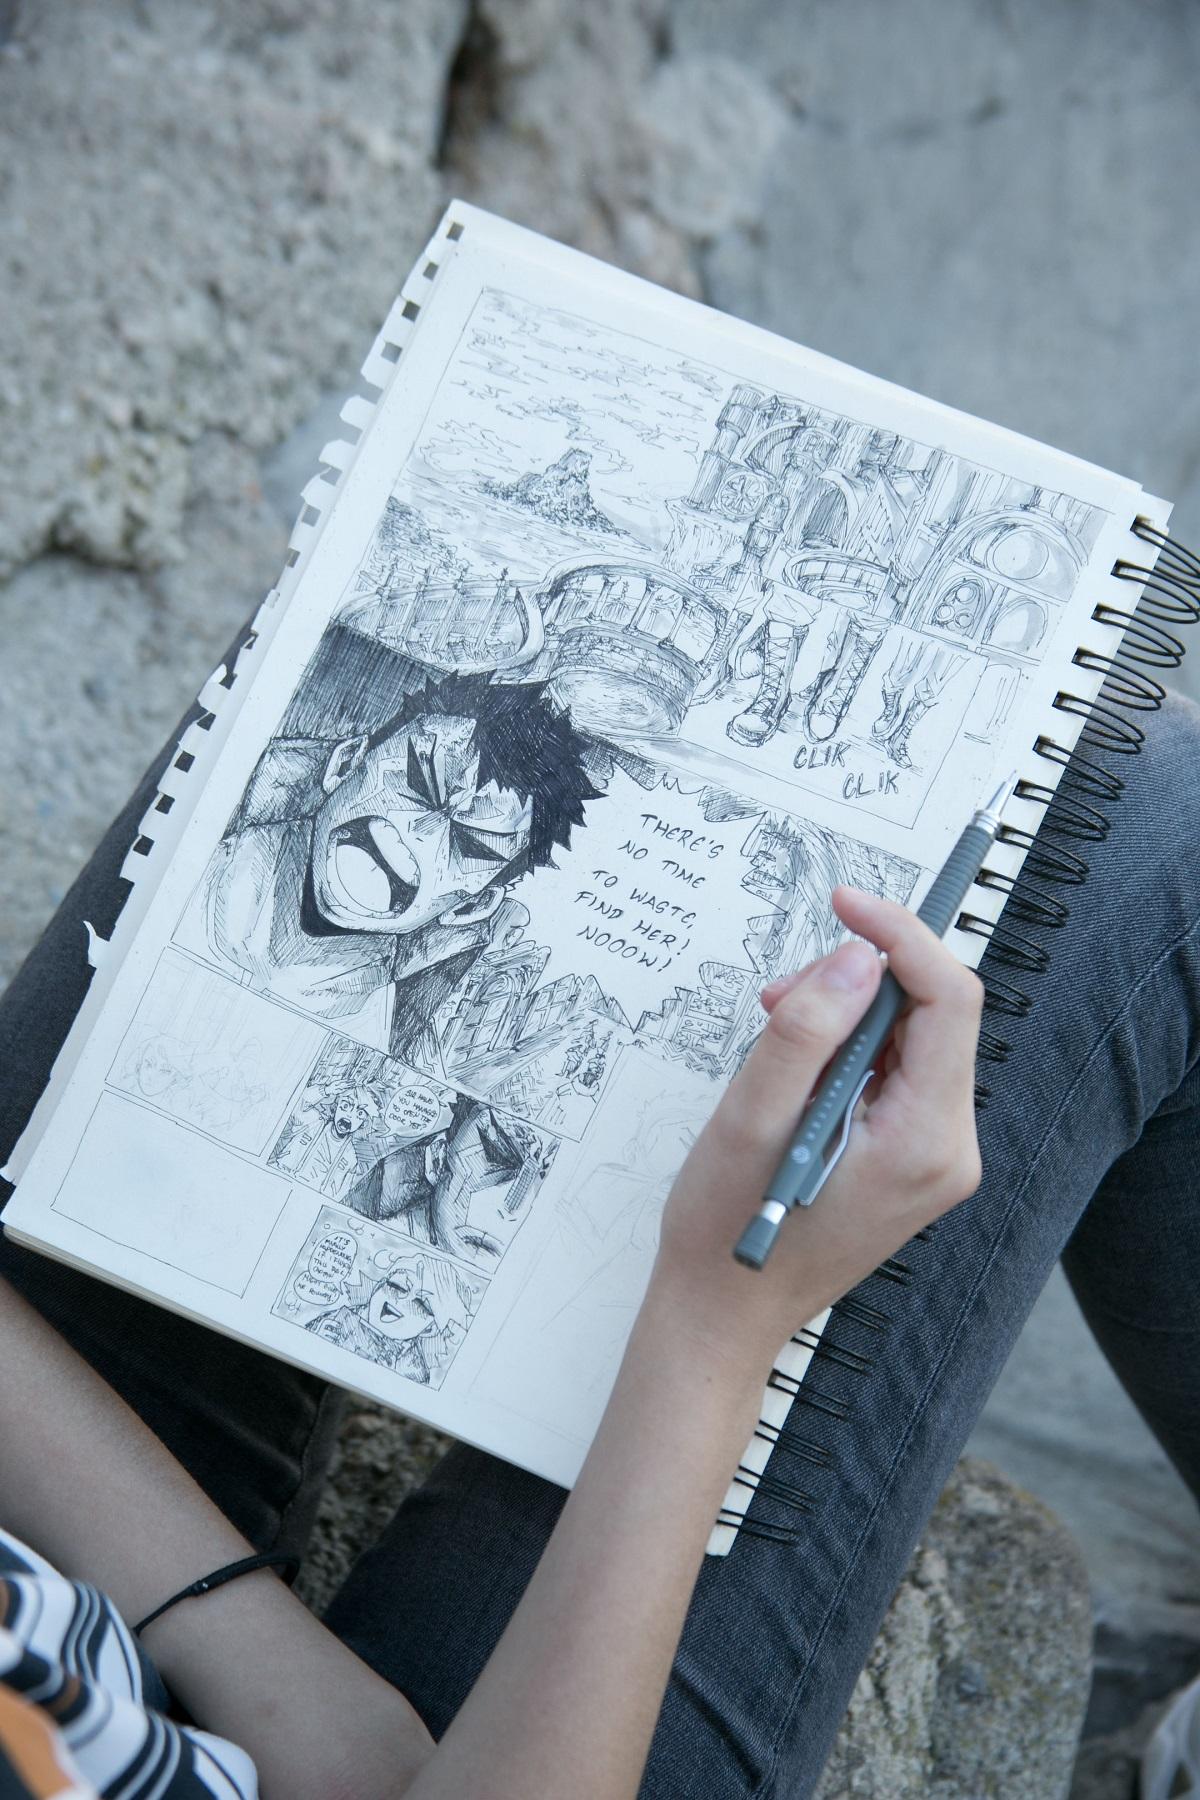 Gabriella Grabusic, mlada crtacica stripova  ilustratorica iz rijeke, 15 godina, Krk, 060920 foto ines stipetic